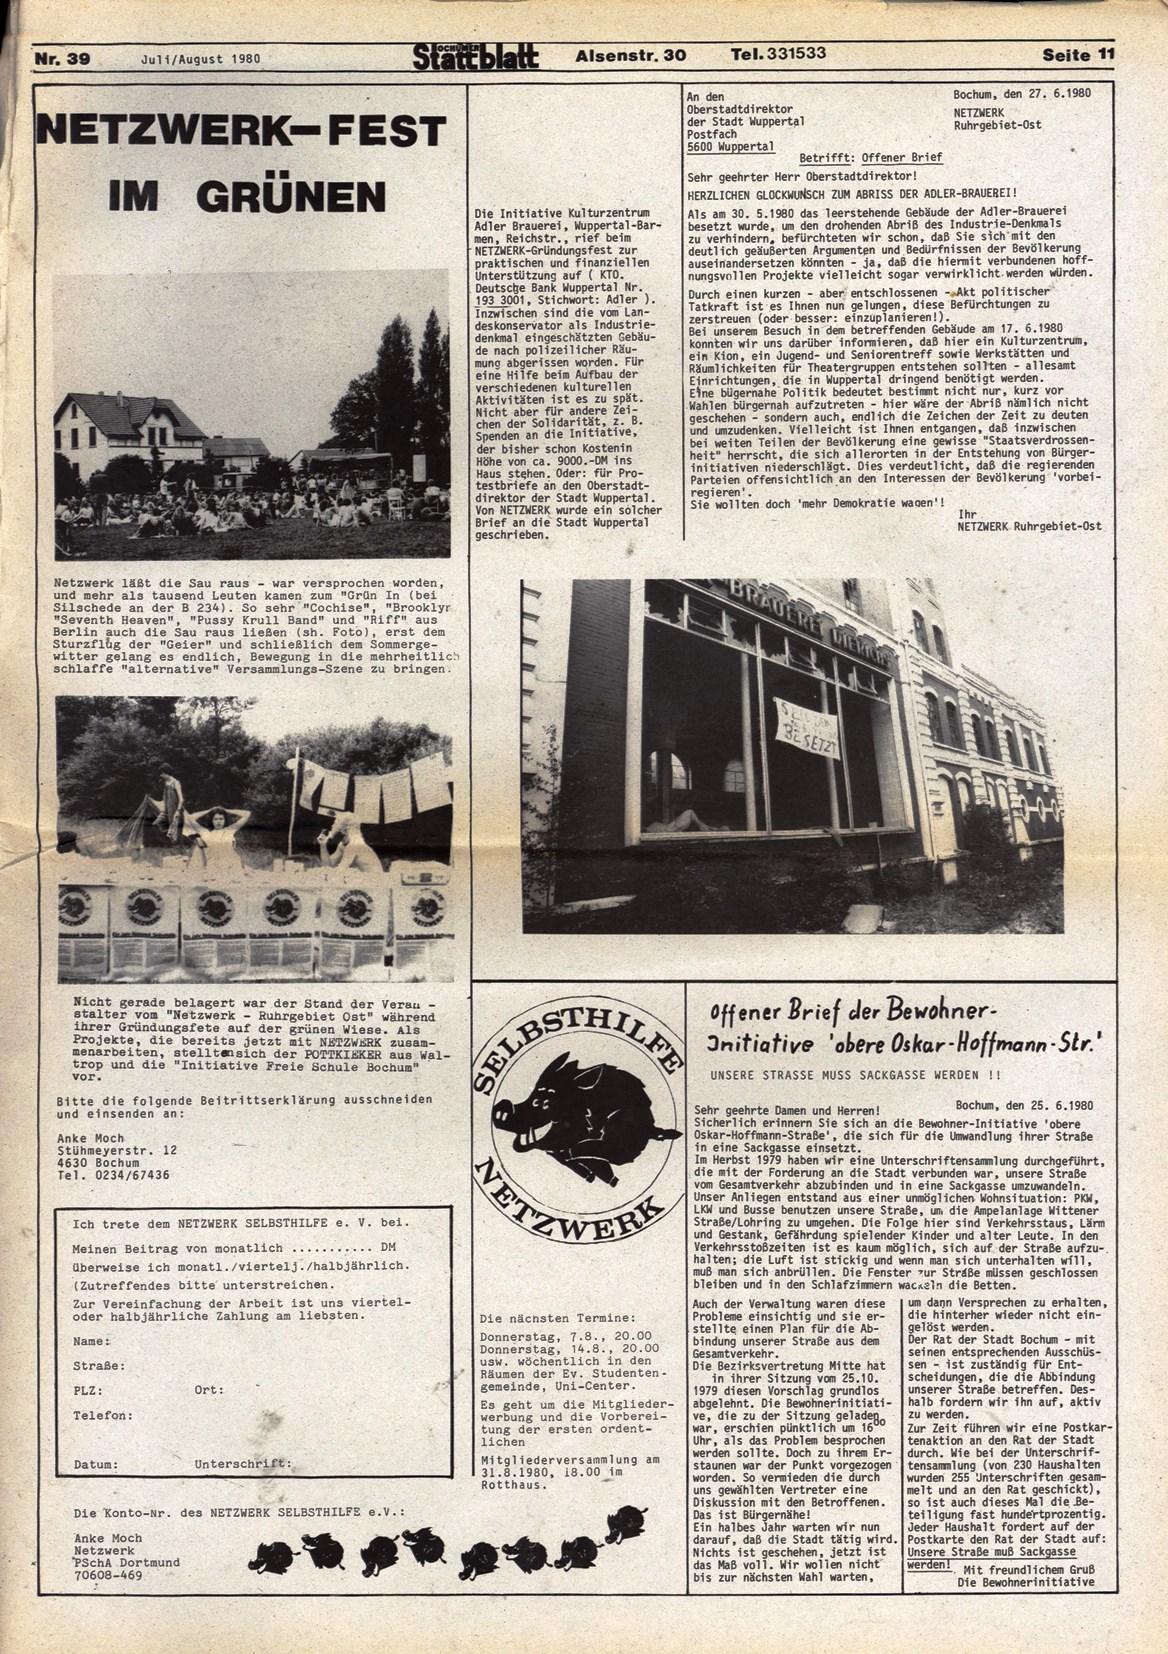 Bochum_Stattblatt_19800700_39_11